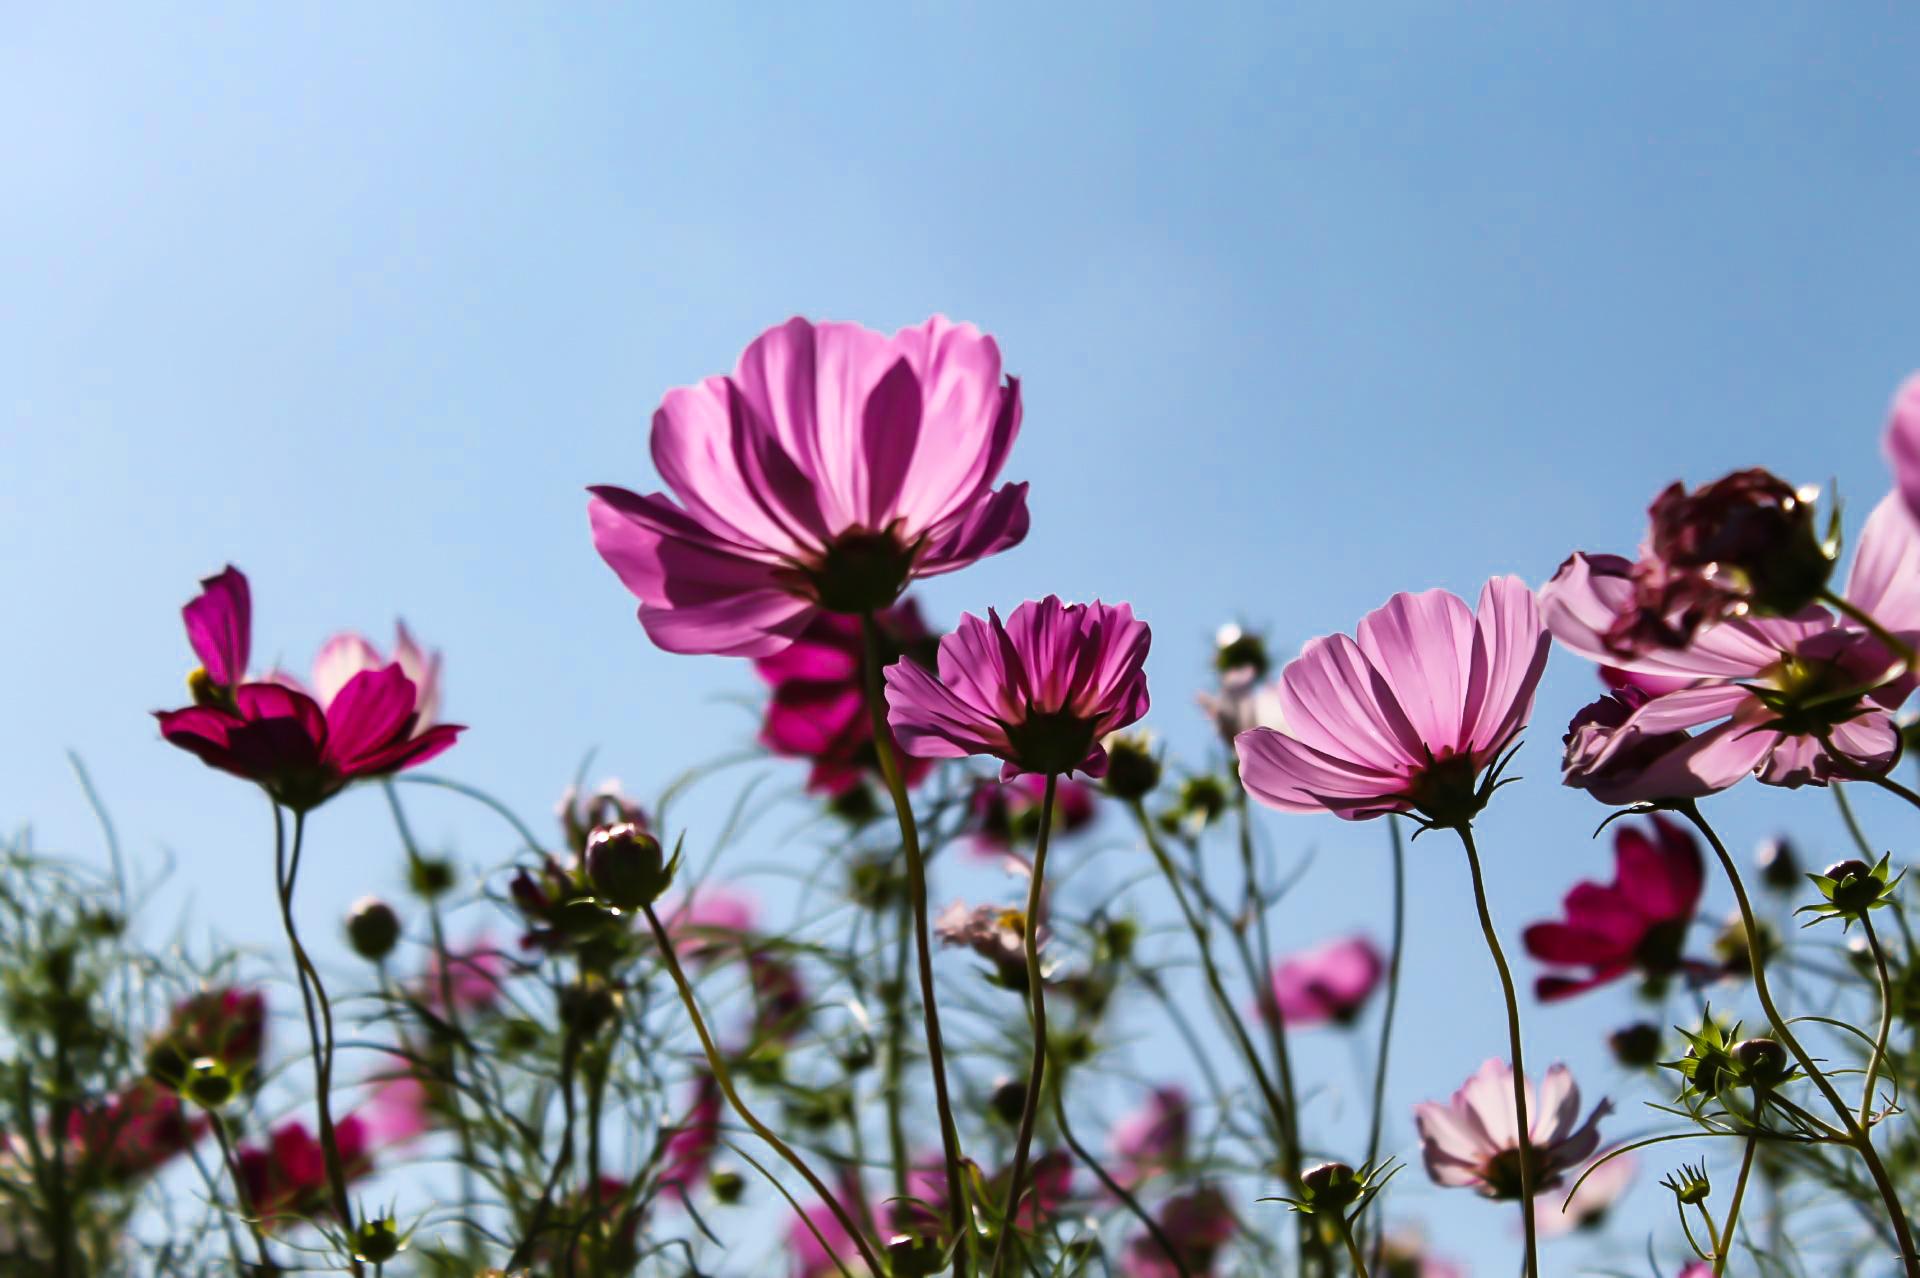 太陽に光を浴びて透き通った紫色のコスモス